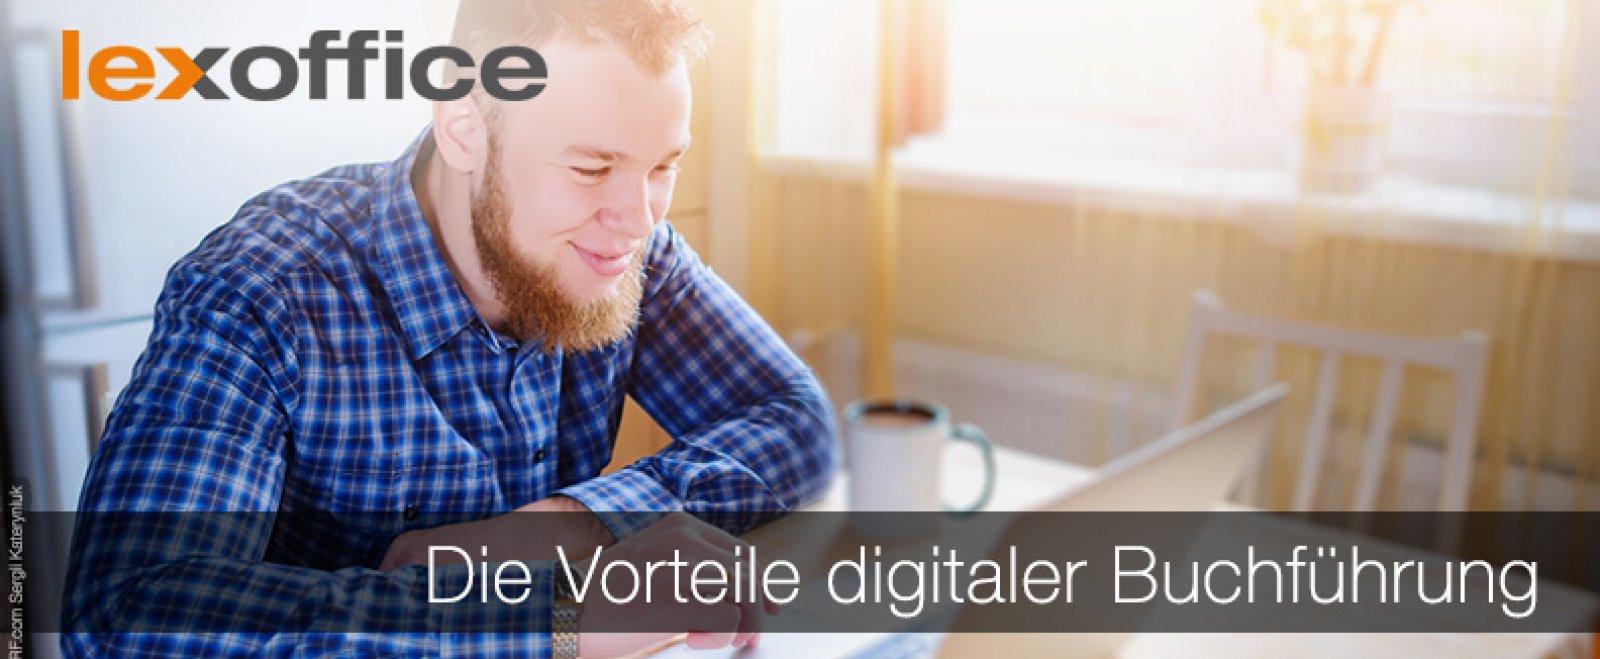 Die Vorteile digitaler Buchführung - Deine Vorteile!